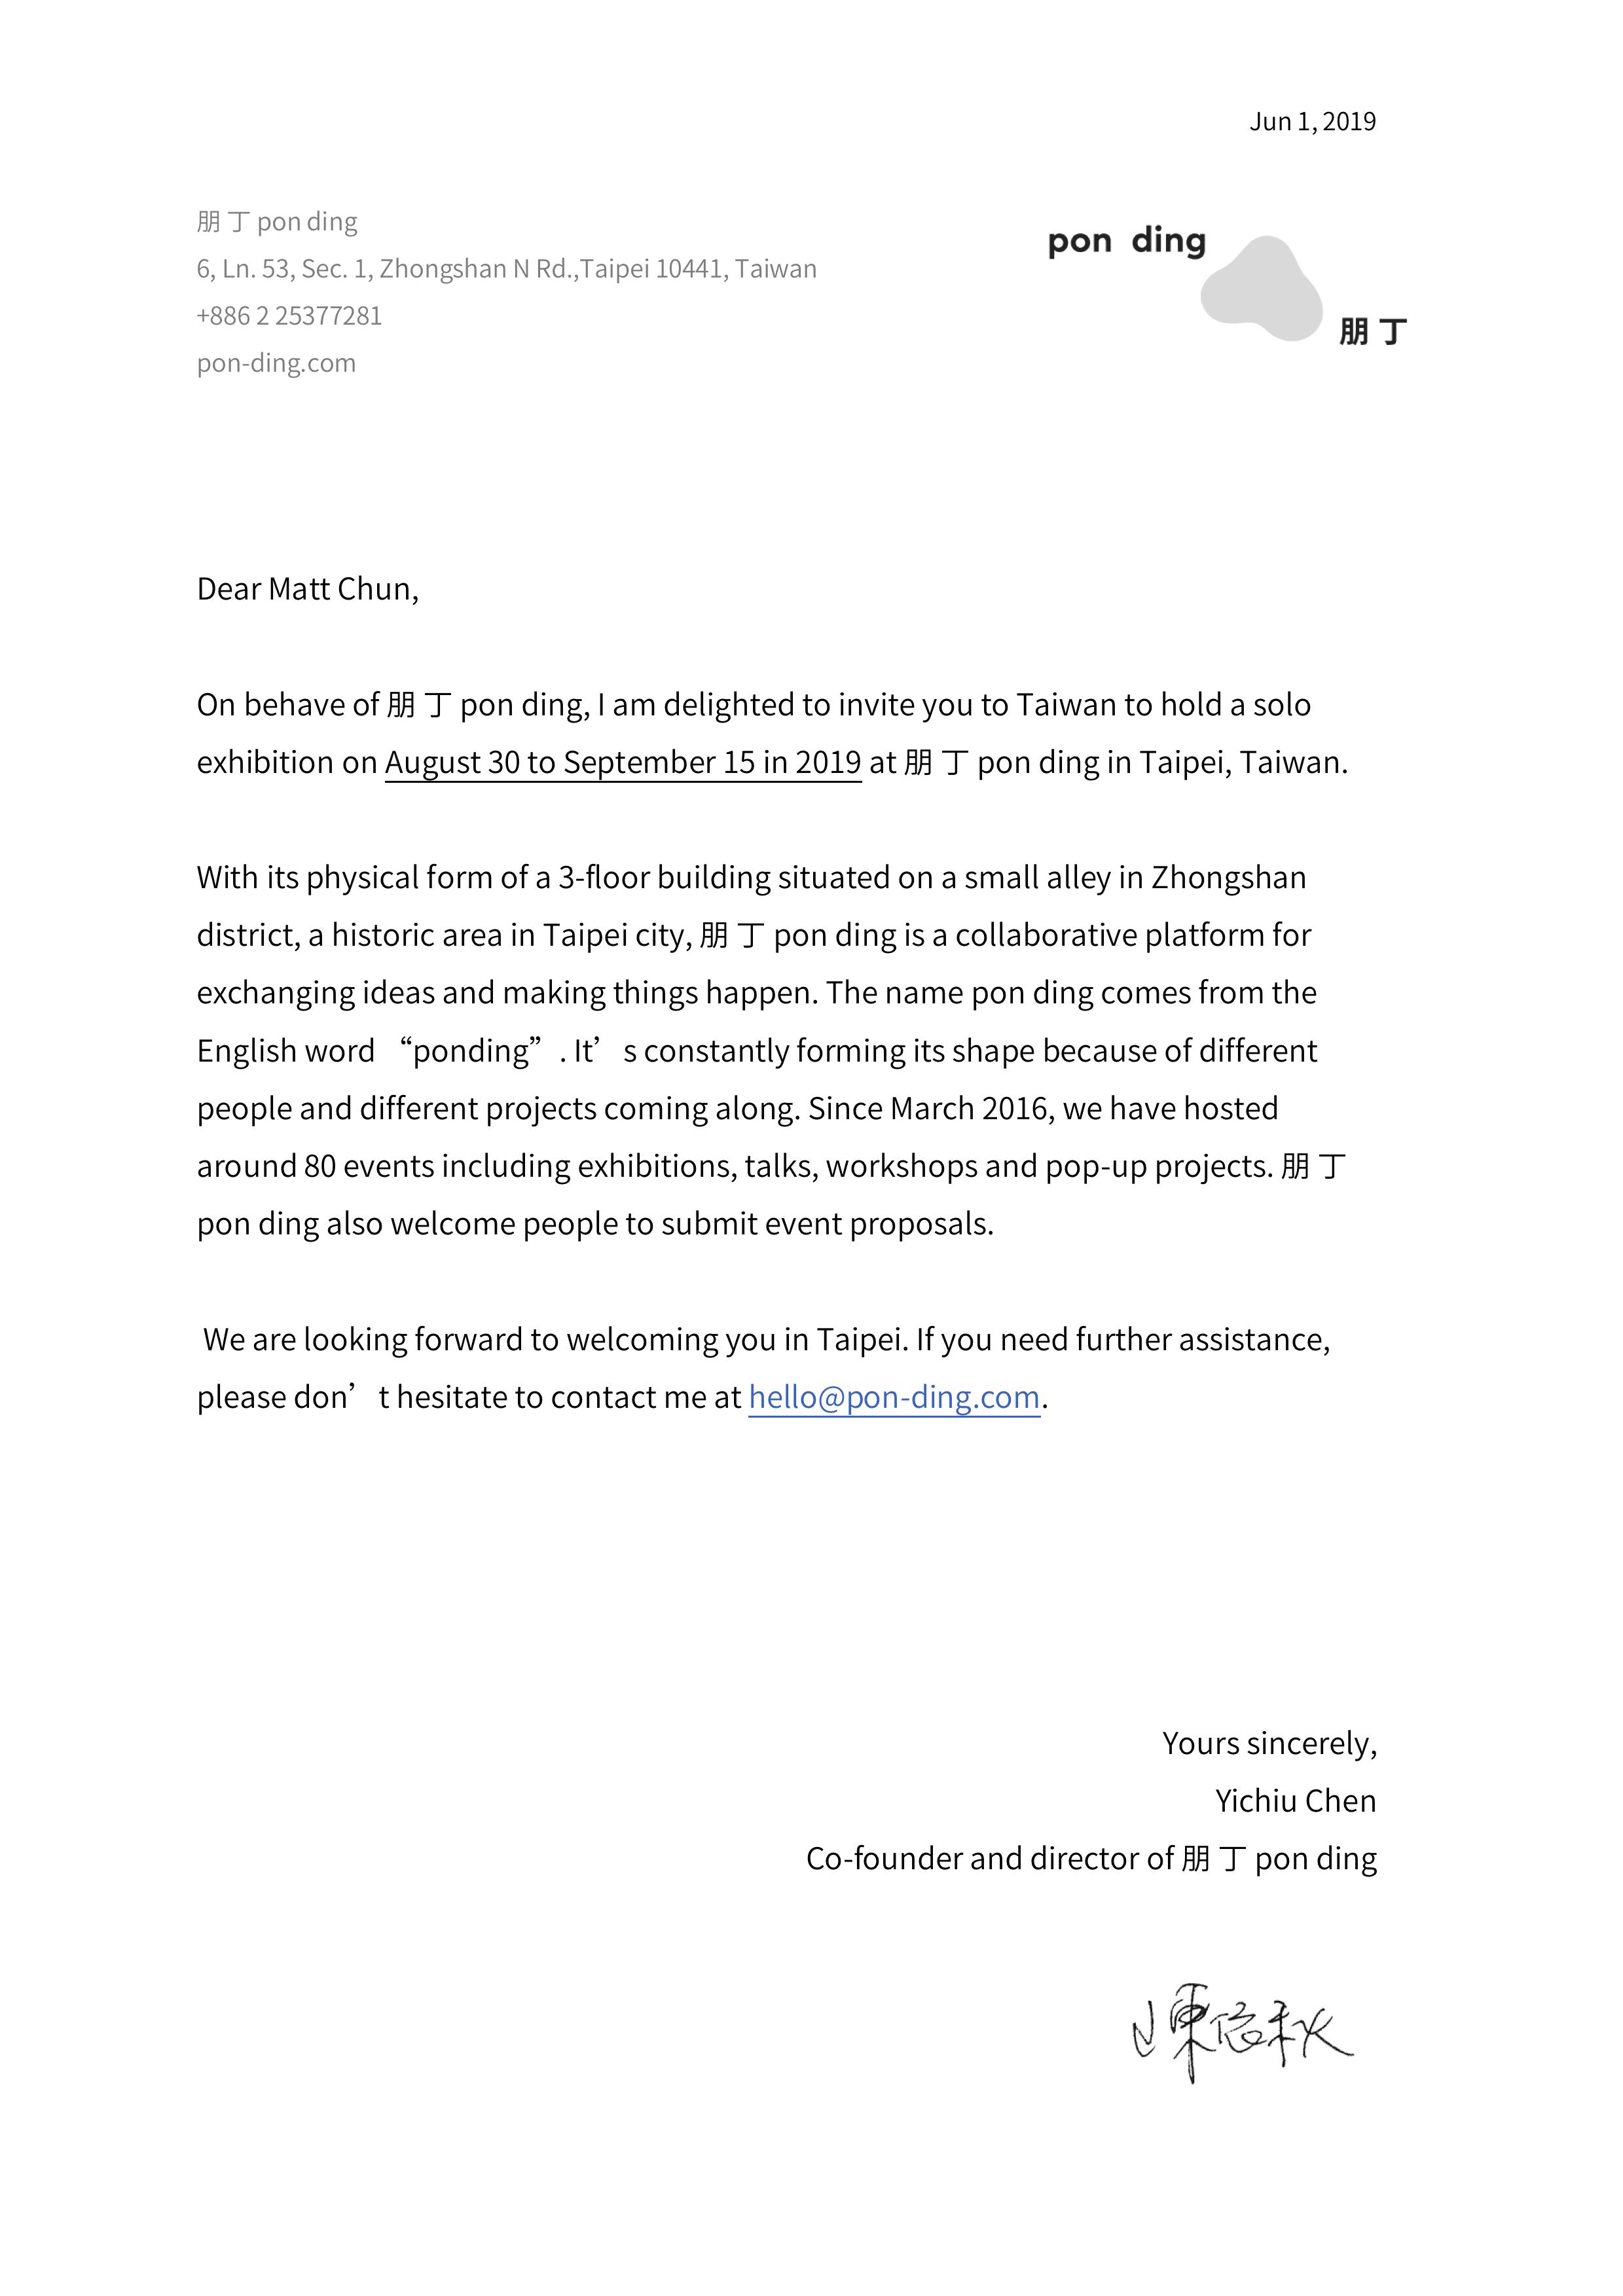 invitation letter for Matt Chun.jpg